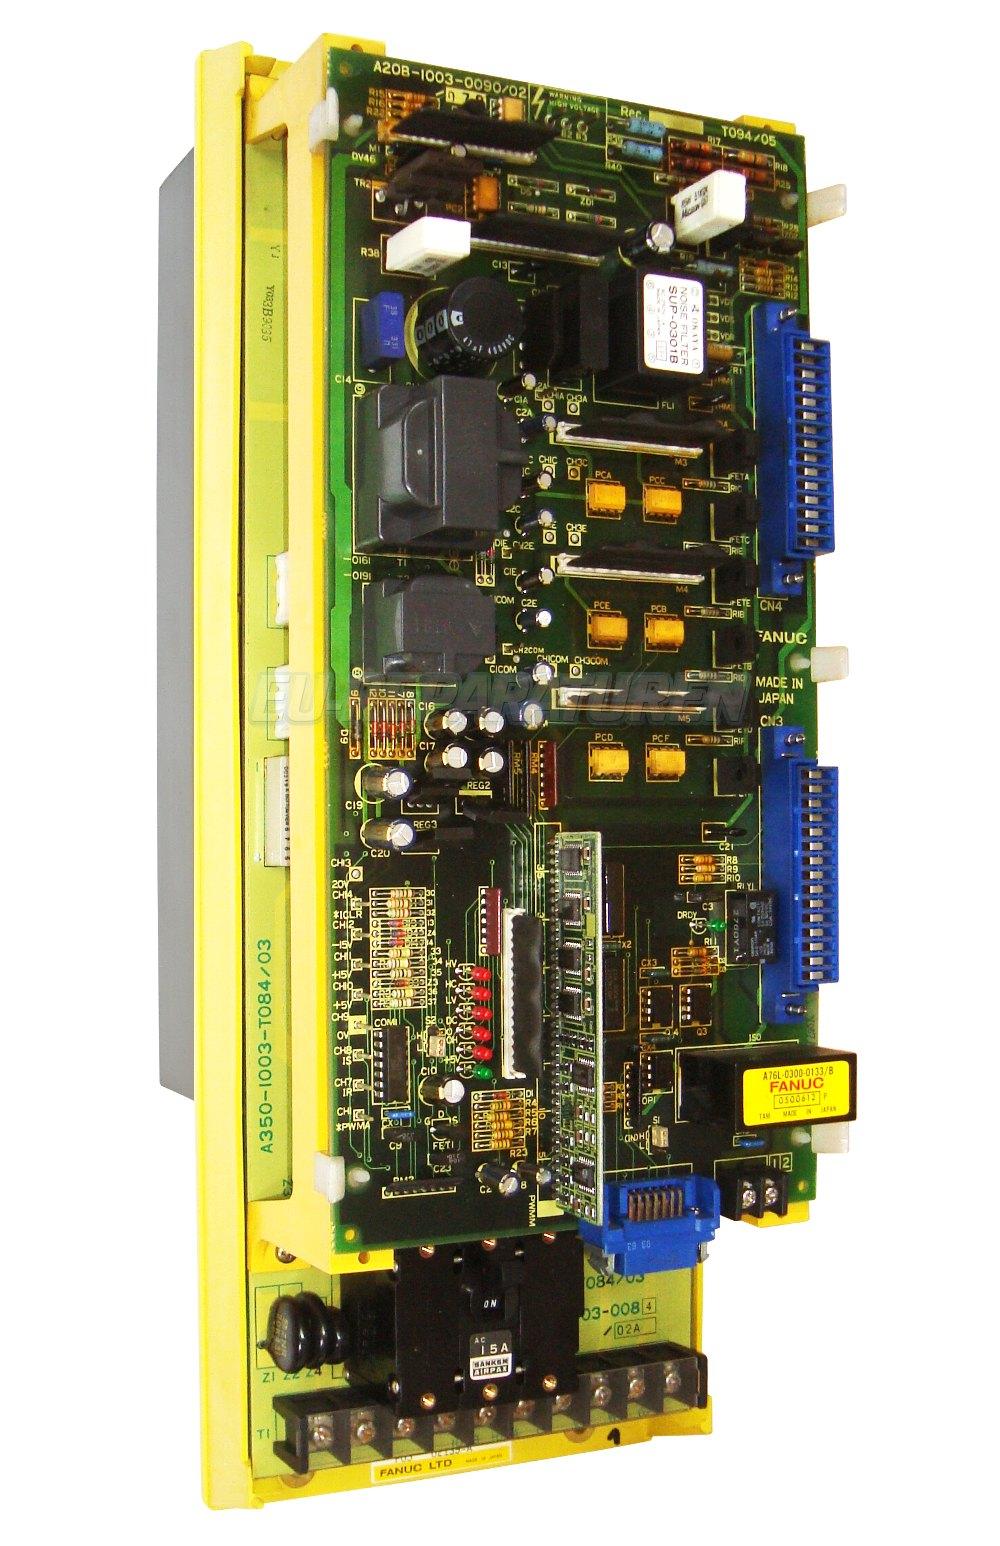 REPARATUR FANUC A06B-6058-H025 AC DRIVE